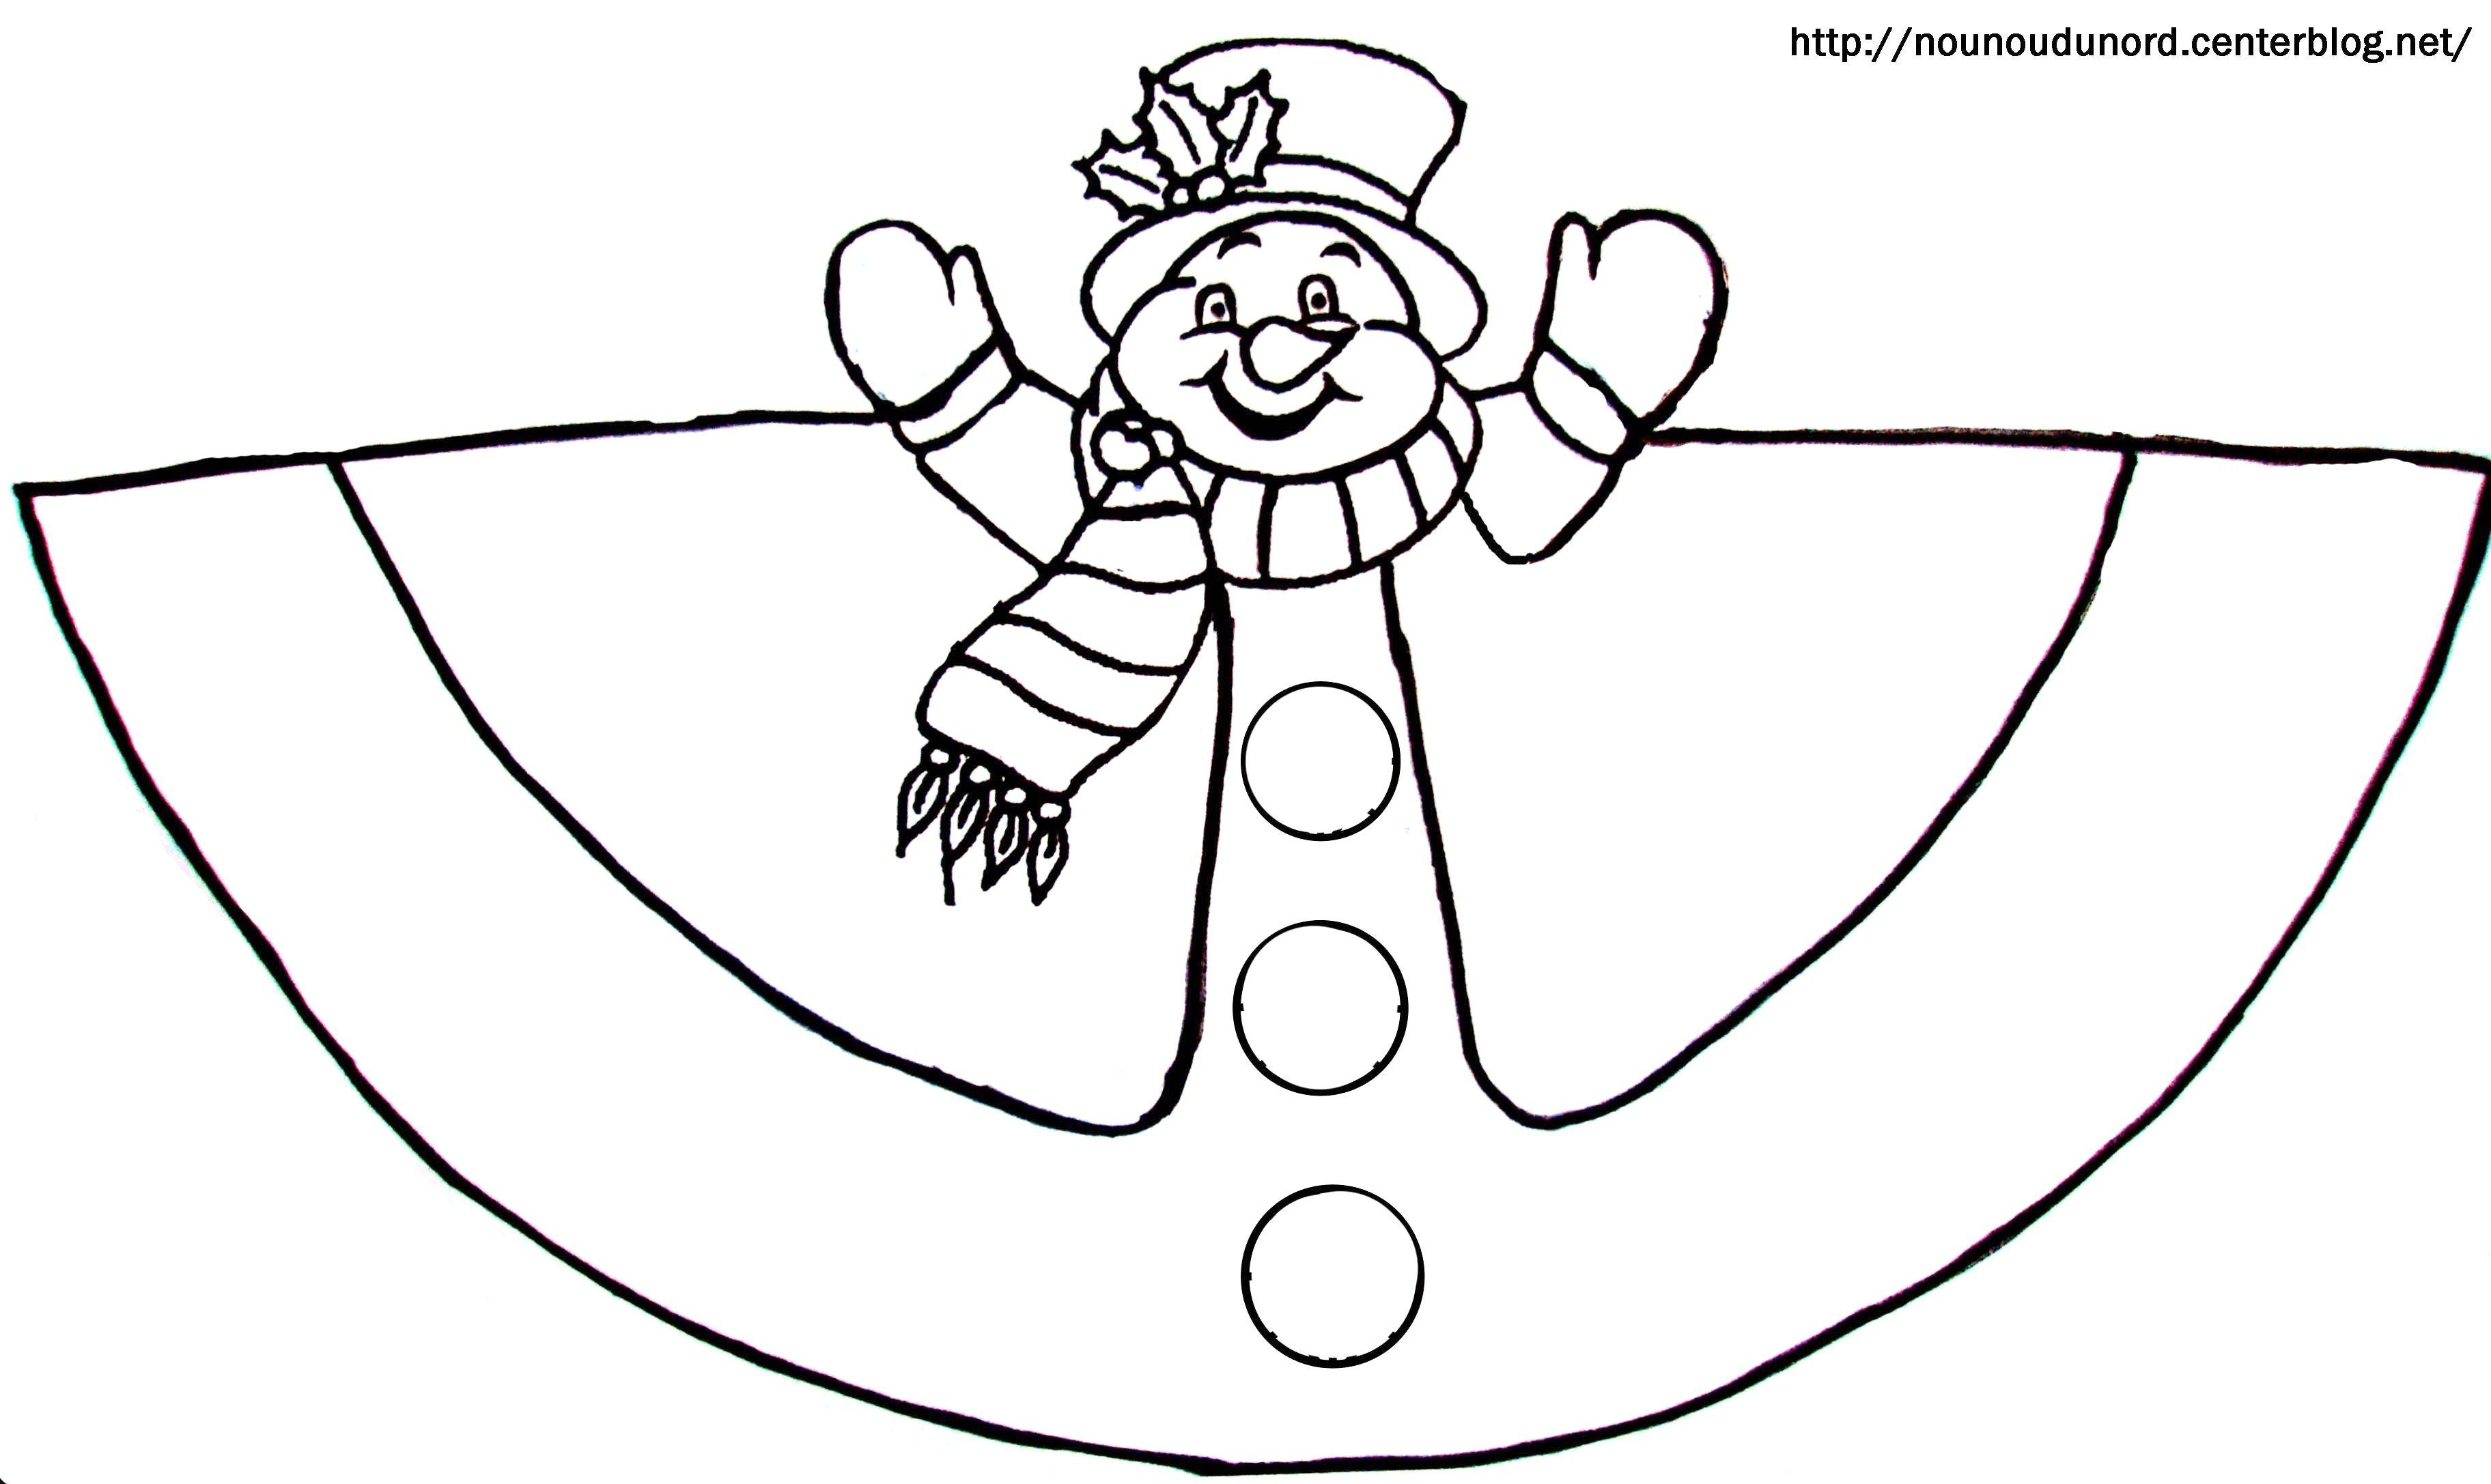 Cloriage c ne du bonhomme de neige - Bonhomme de neige a colorier ...